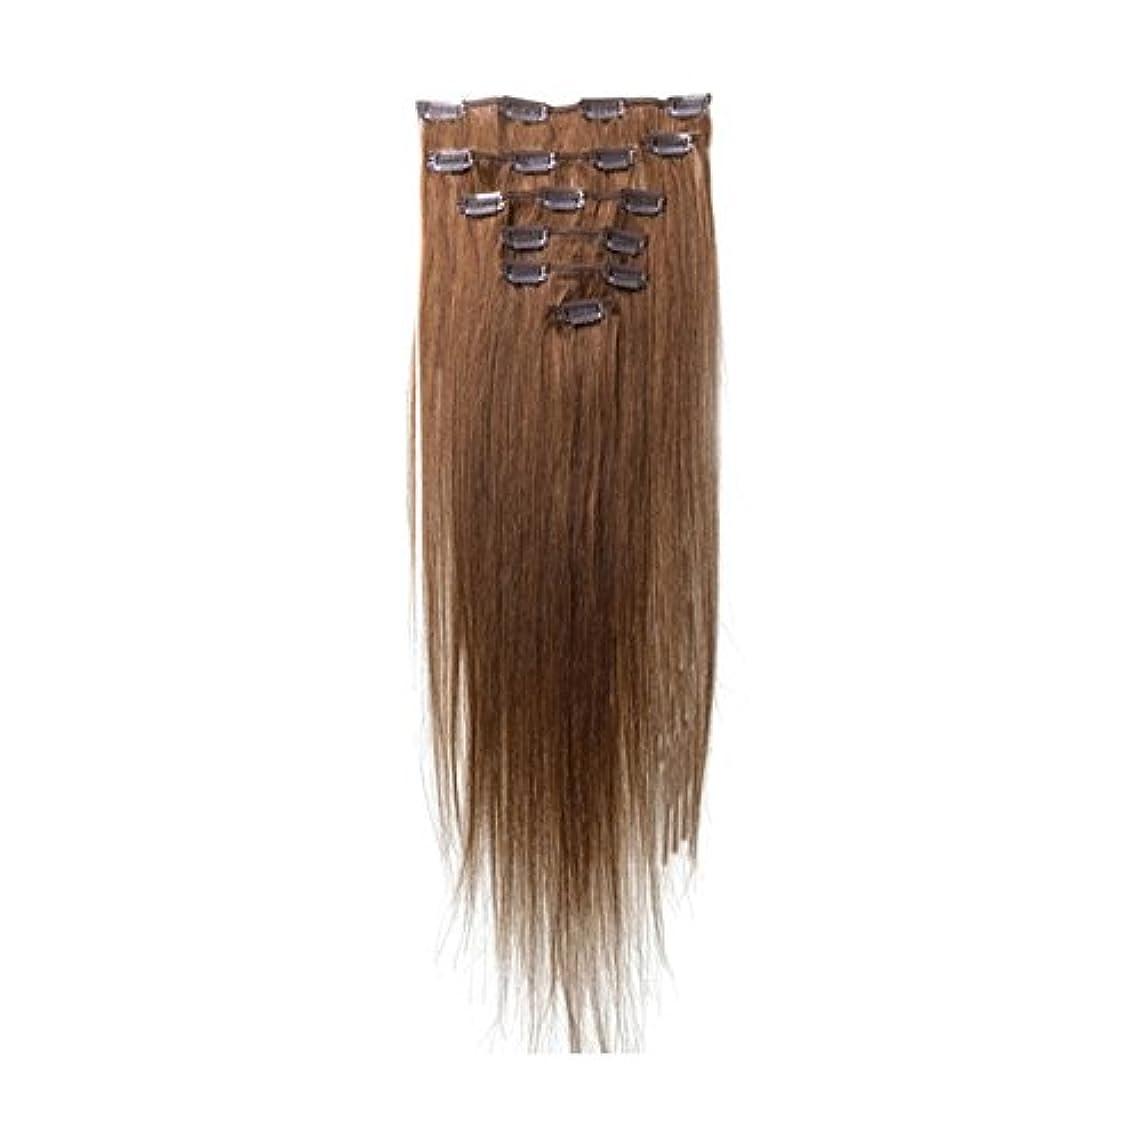 お茶委員会服を片付けるヘアエクステンション,SODIAL(R) 女性の人間の髪 クリップインヘアエクステンション 7件 70g 15インチ ライトブラウン